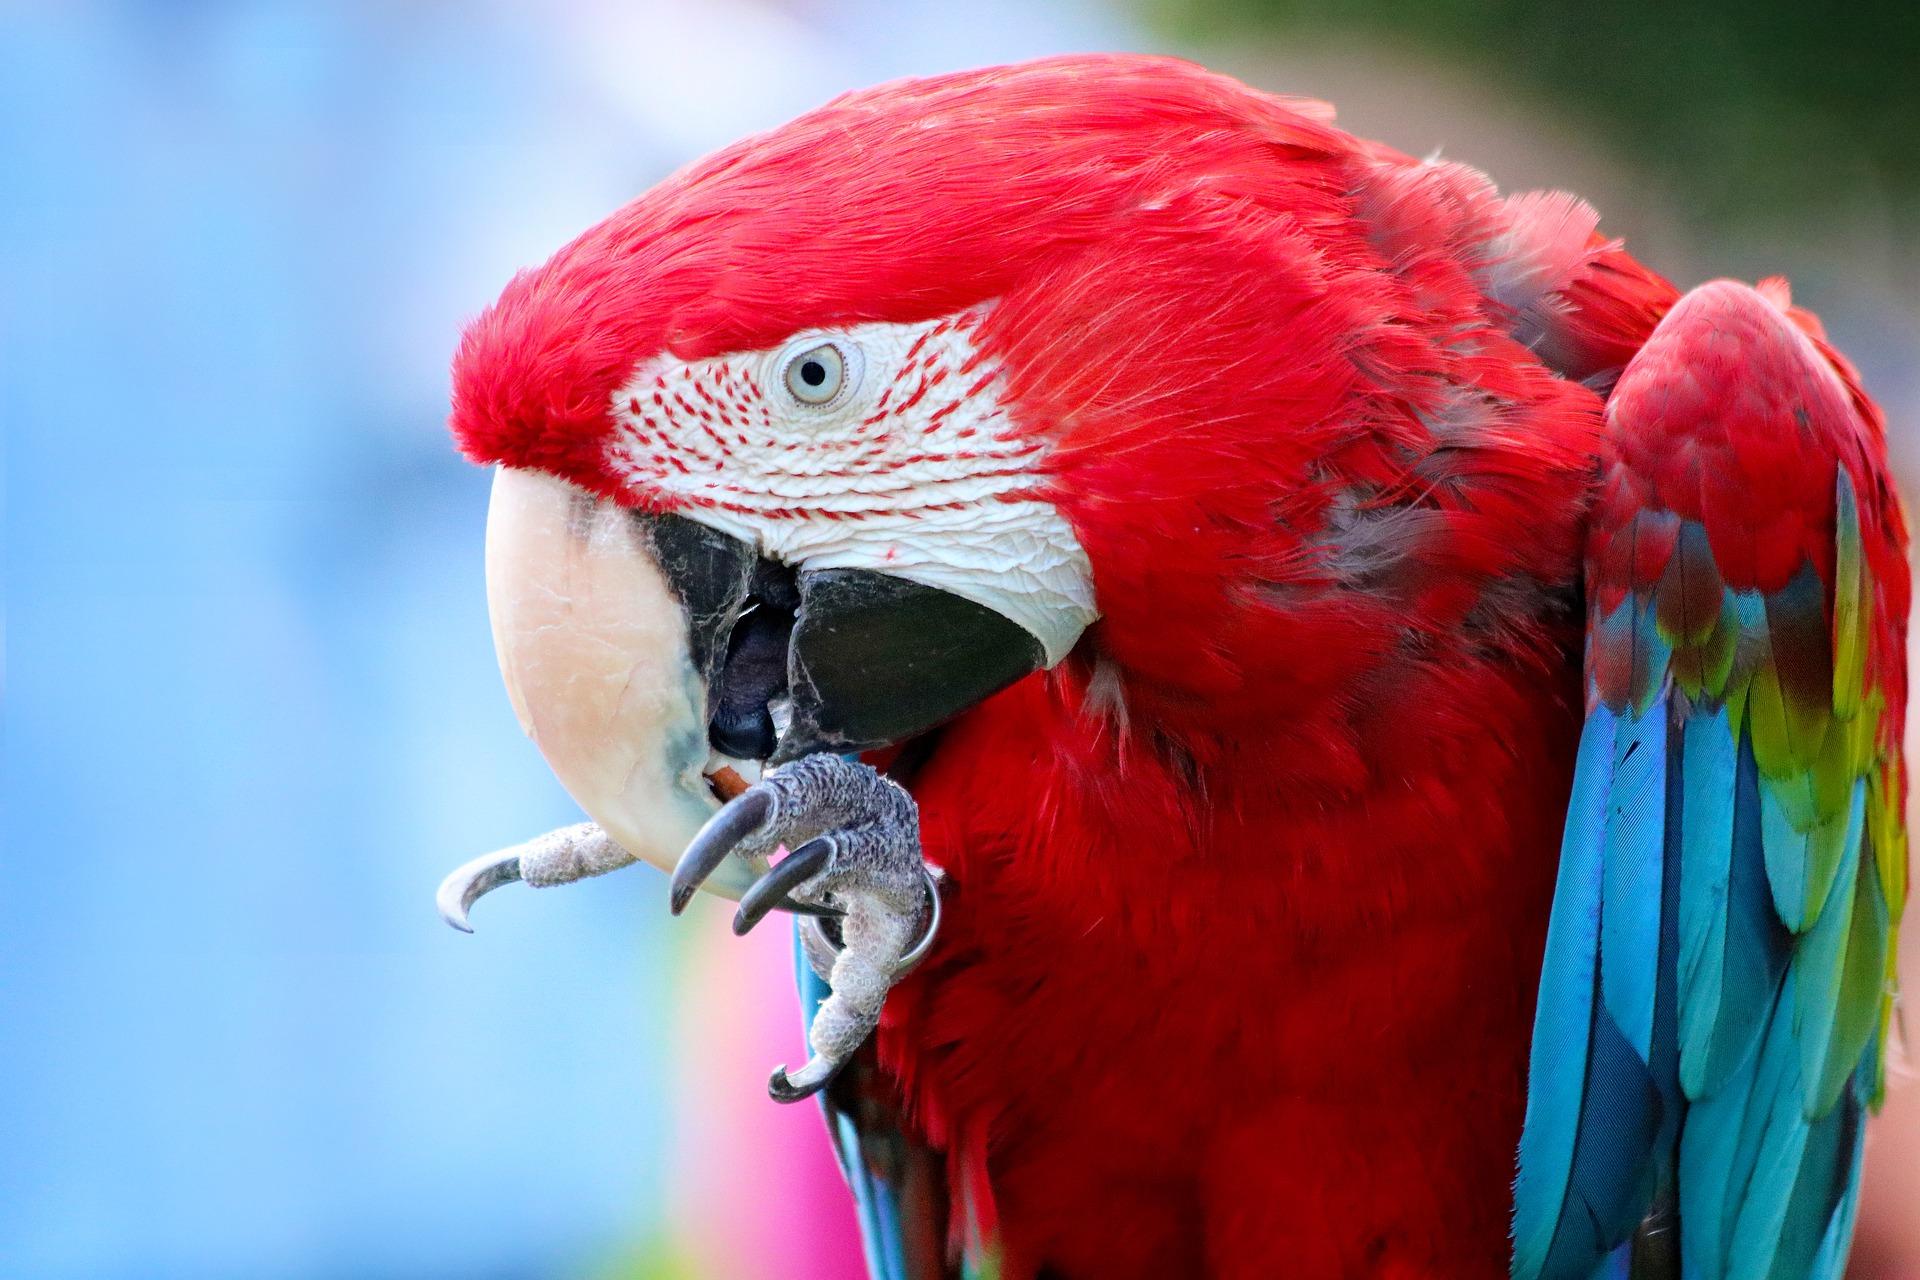 parrot-5411705_1920.jpg